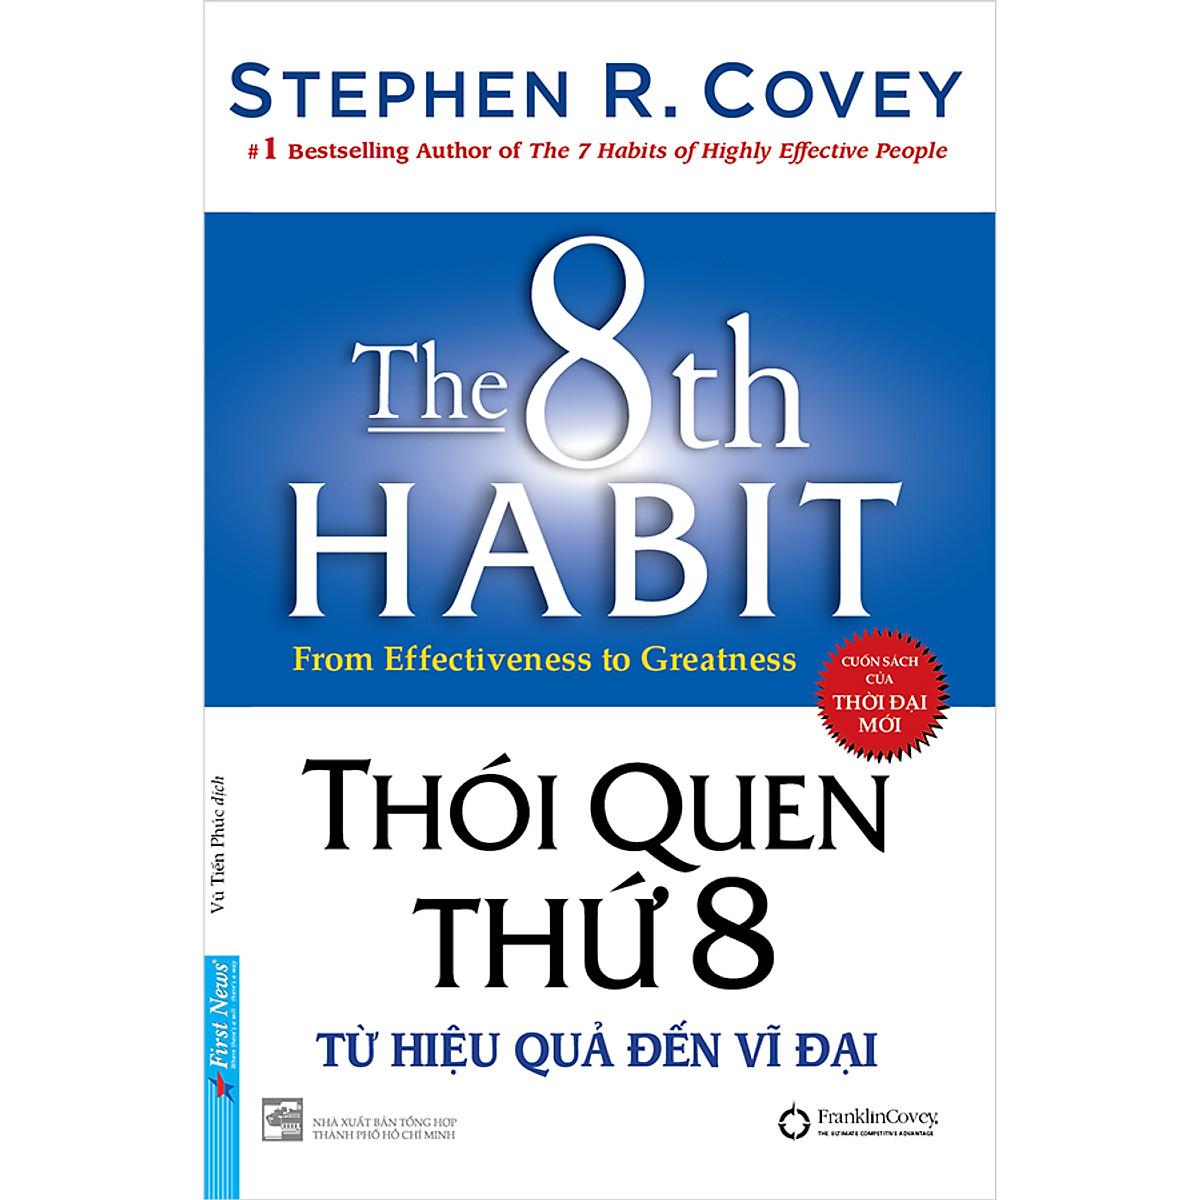 Coupon Giảm Giá Thói Quen Thứ 8 - Từ Hiệu Quả Đến Vĩ Đại (Bìa Cứng)